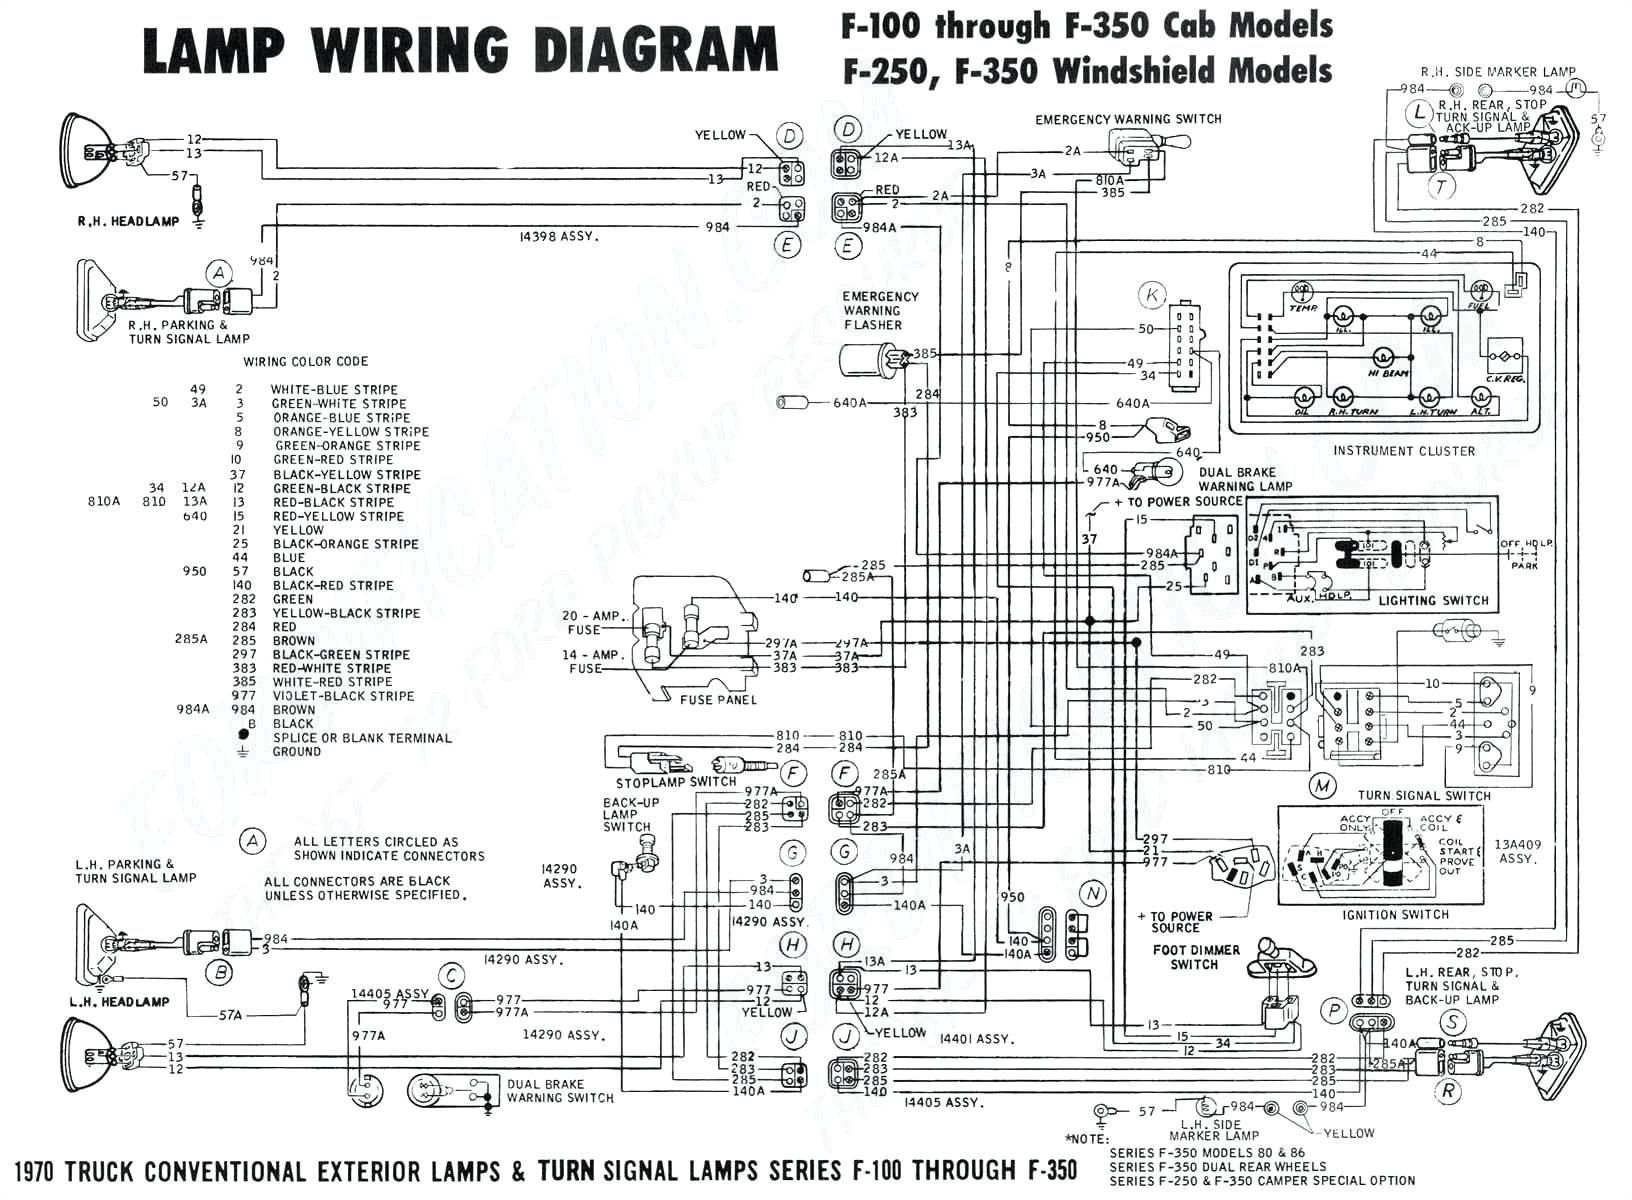 mag o wiring diagram wiring diagram mag o wiring diagram